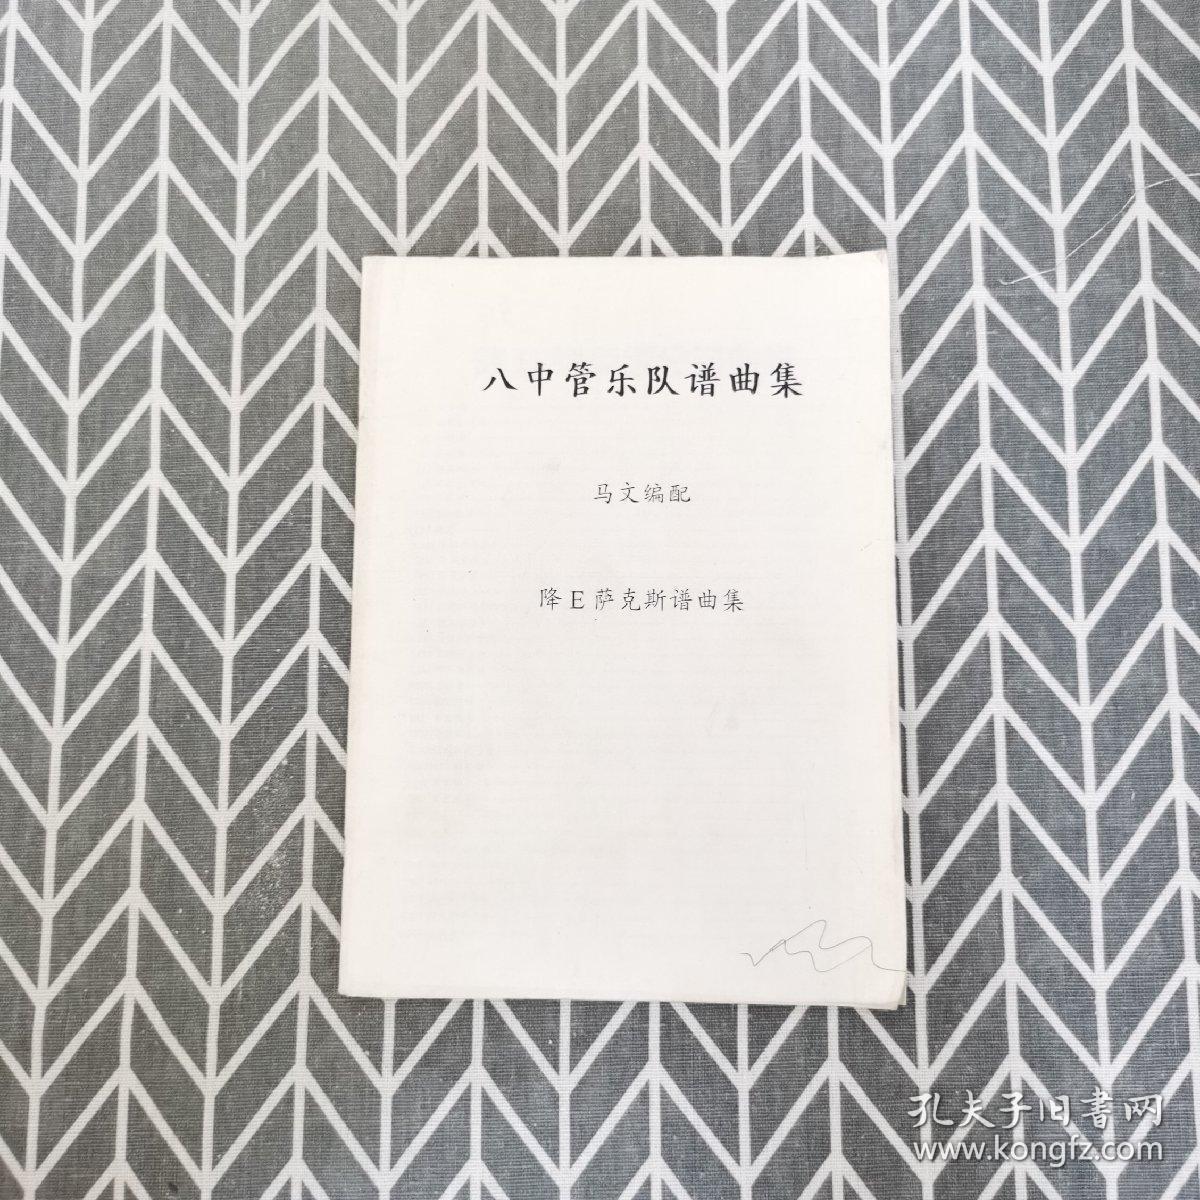 八中管乐队谱曲集 (降E萨克斯谱曲集)